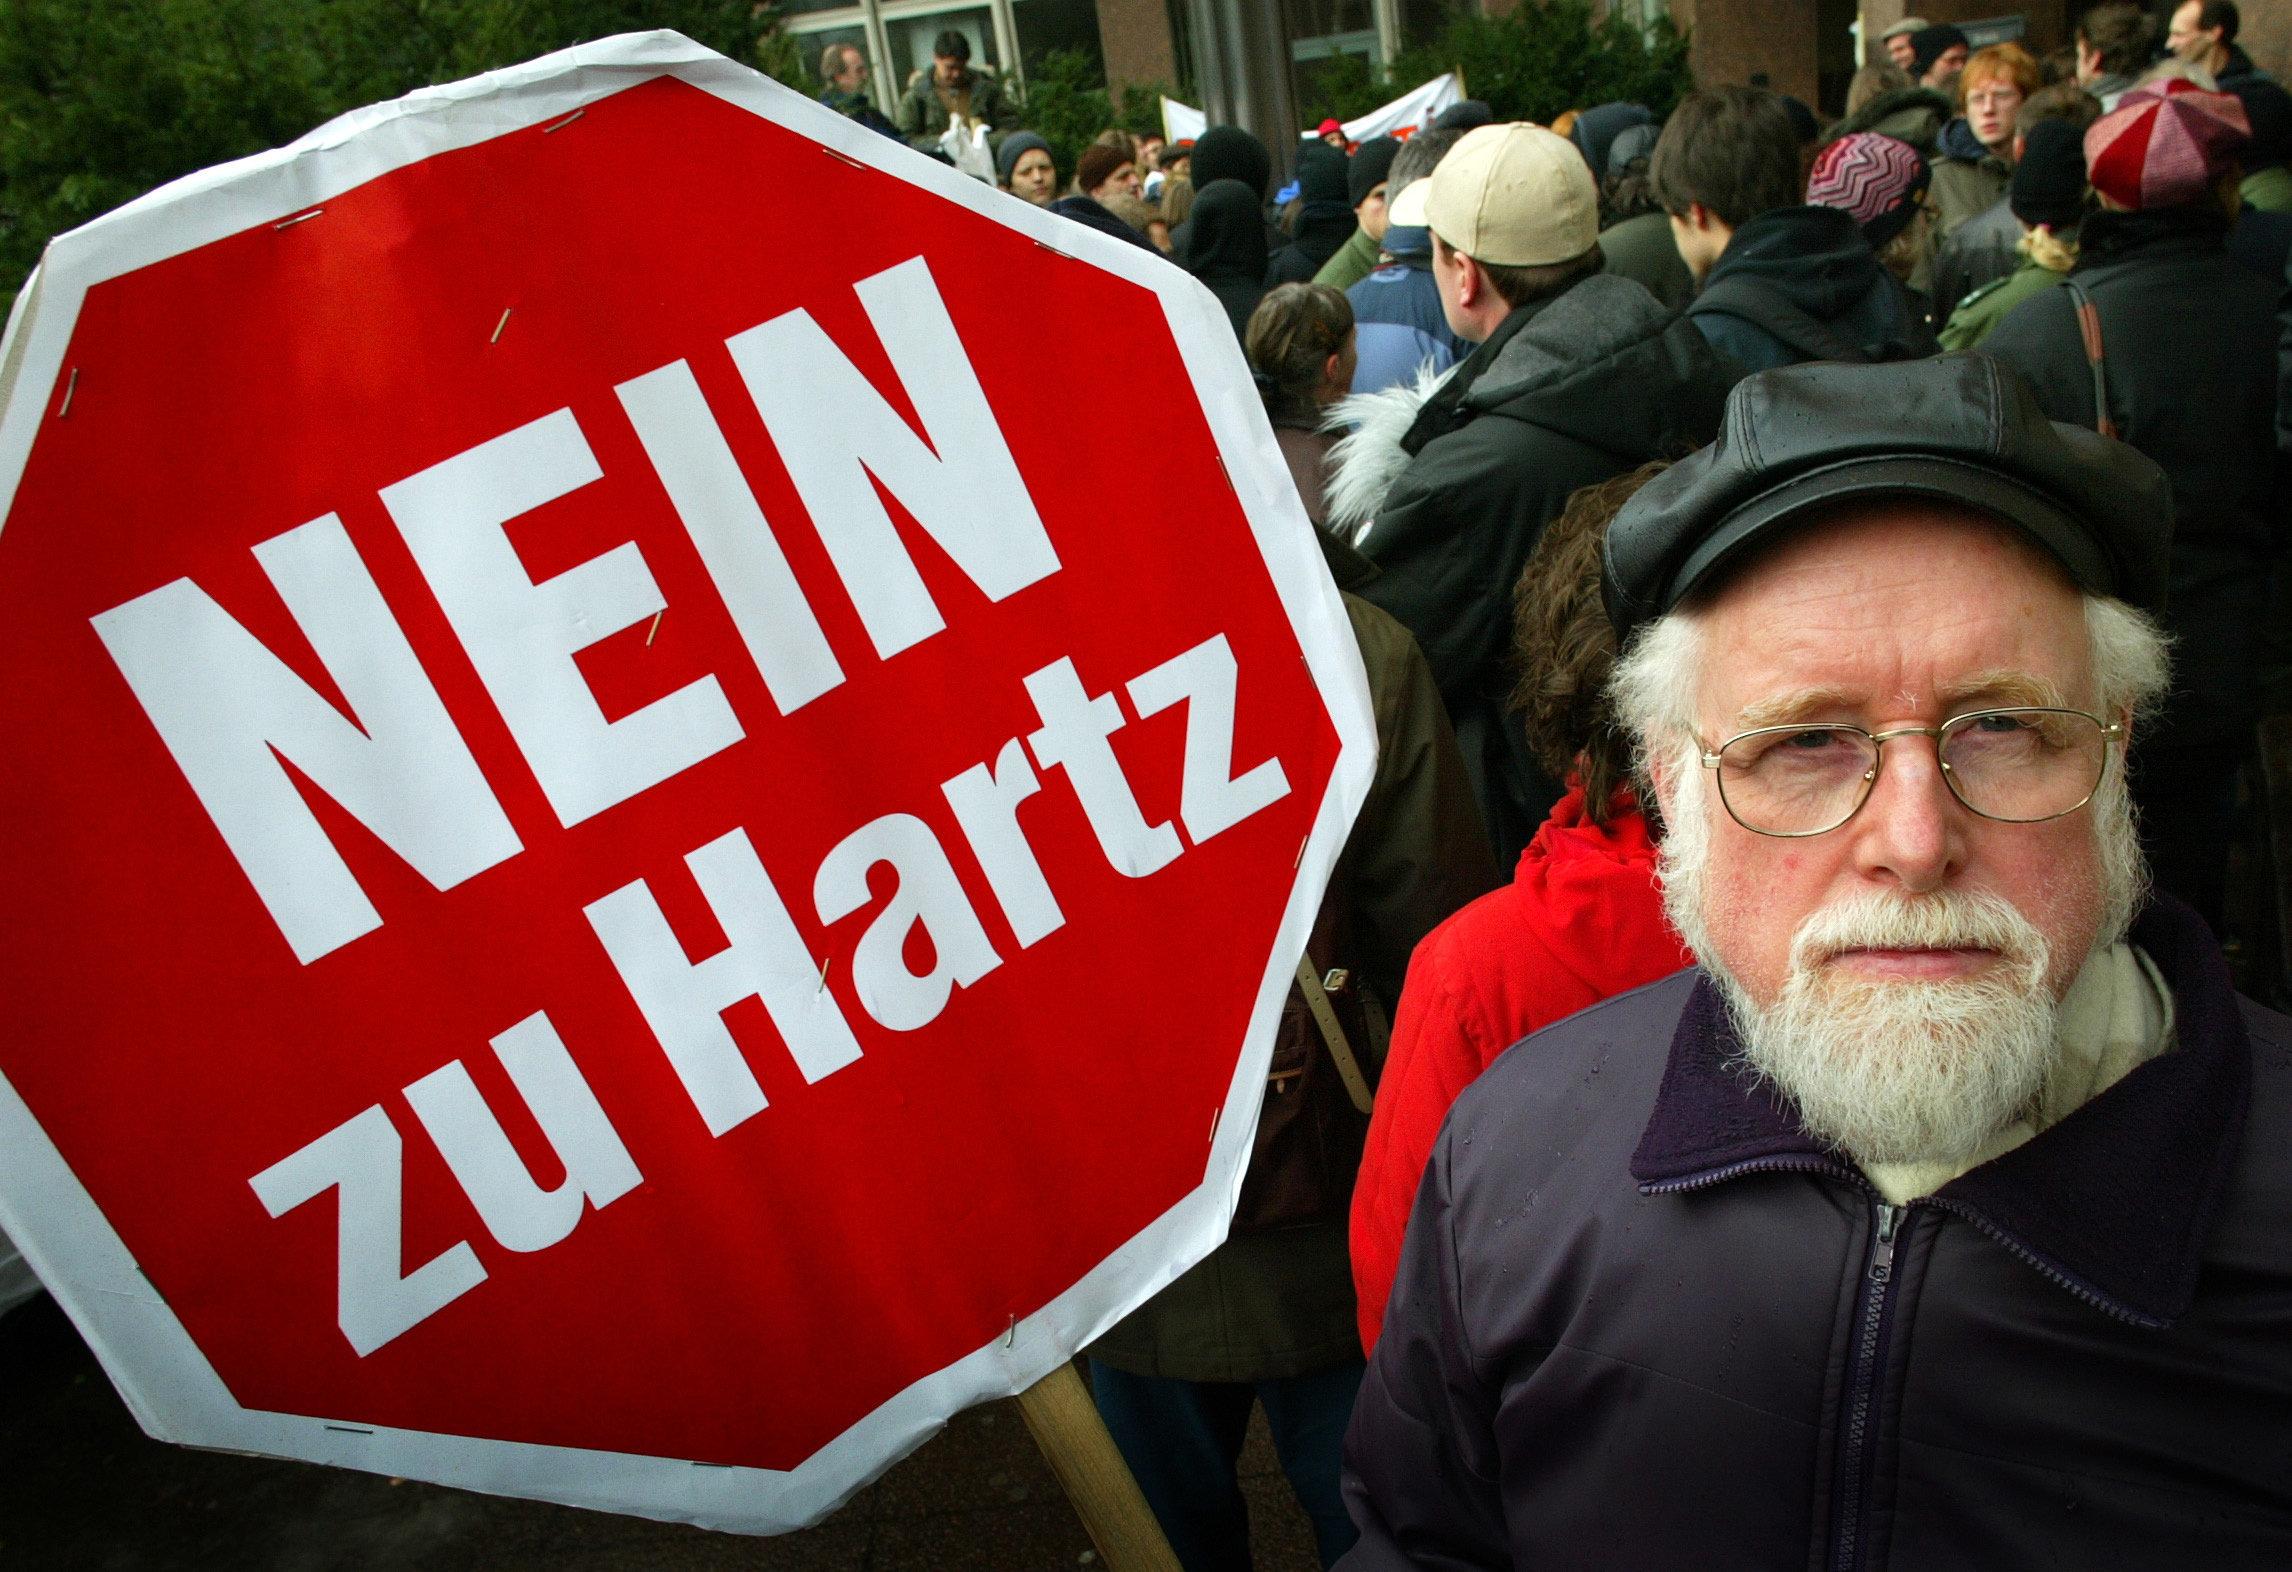 Solidarisches Grundeinkommen statt Hartz IV: Hat Berlin gerade die Sozial-Revolution